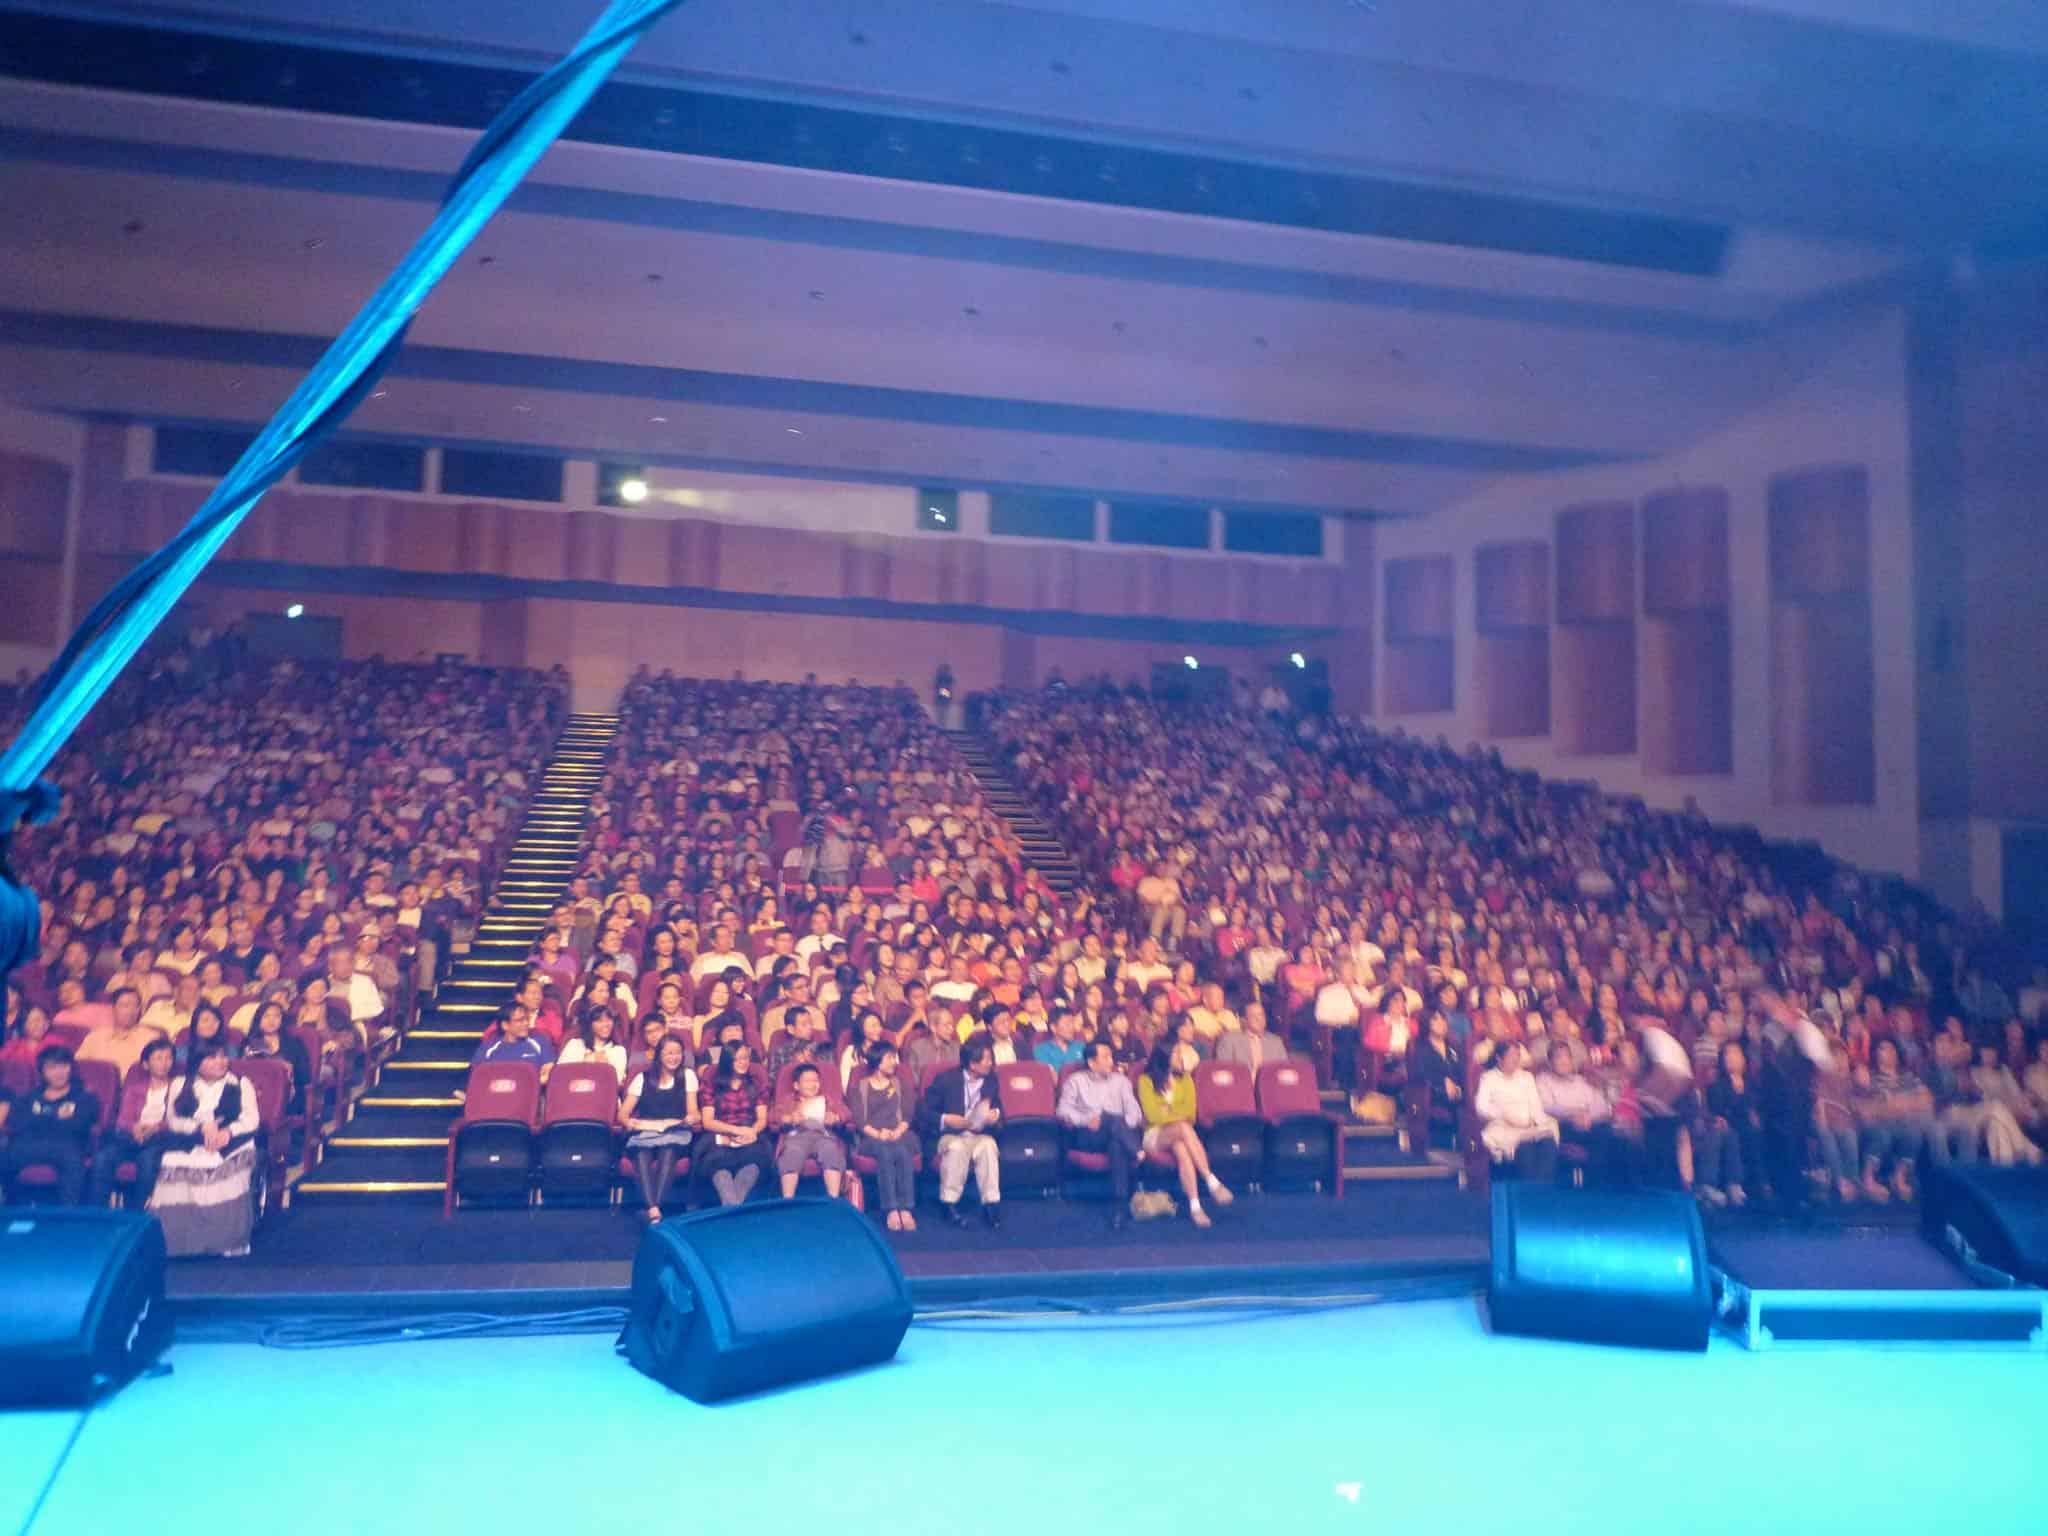 triosence_in_taiwan_21